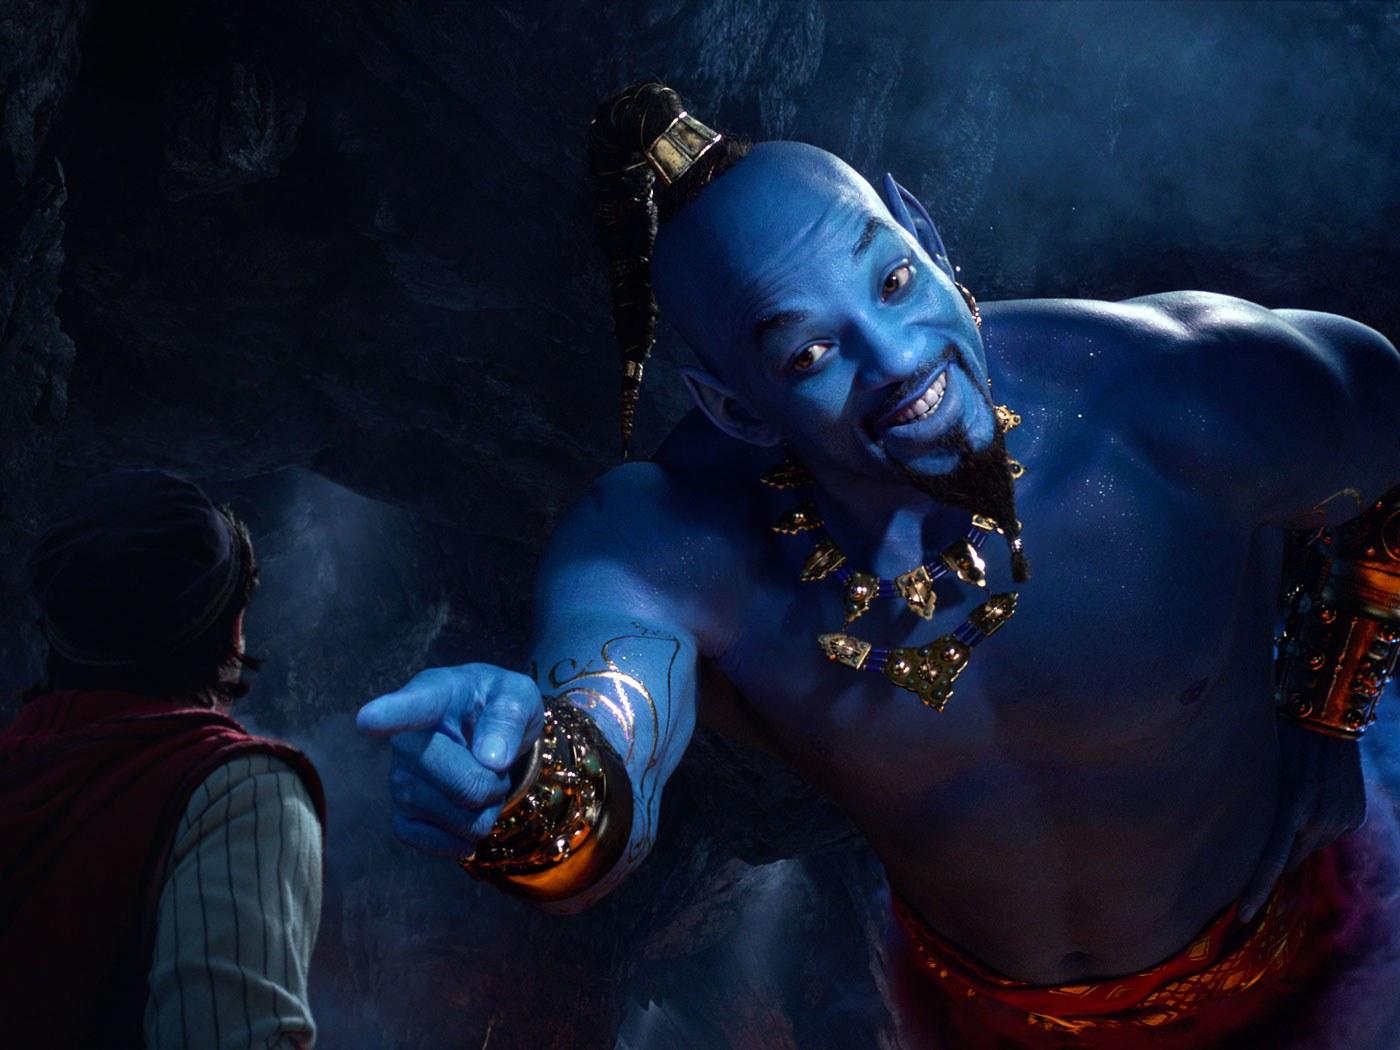 Will Smiths Aladdin Genie Is Already a Meme WIRED 1400x1050